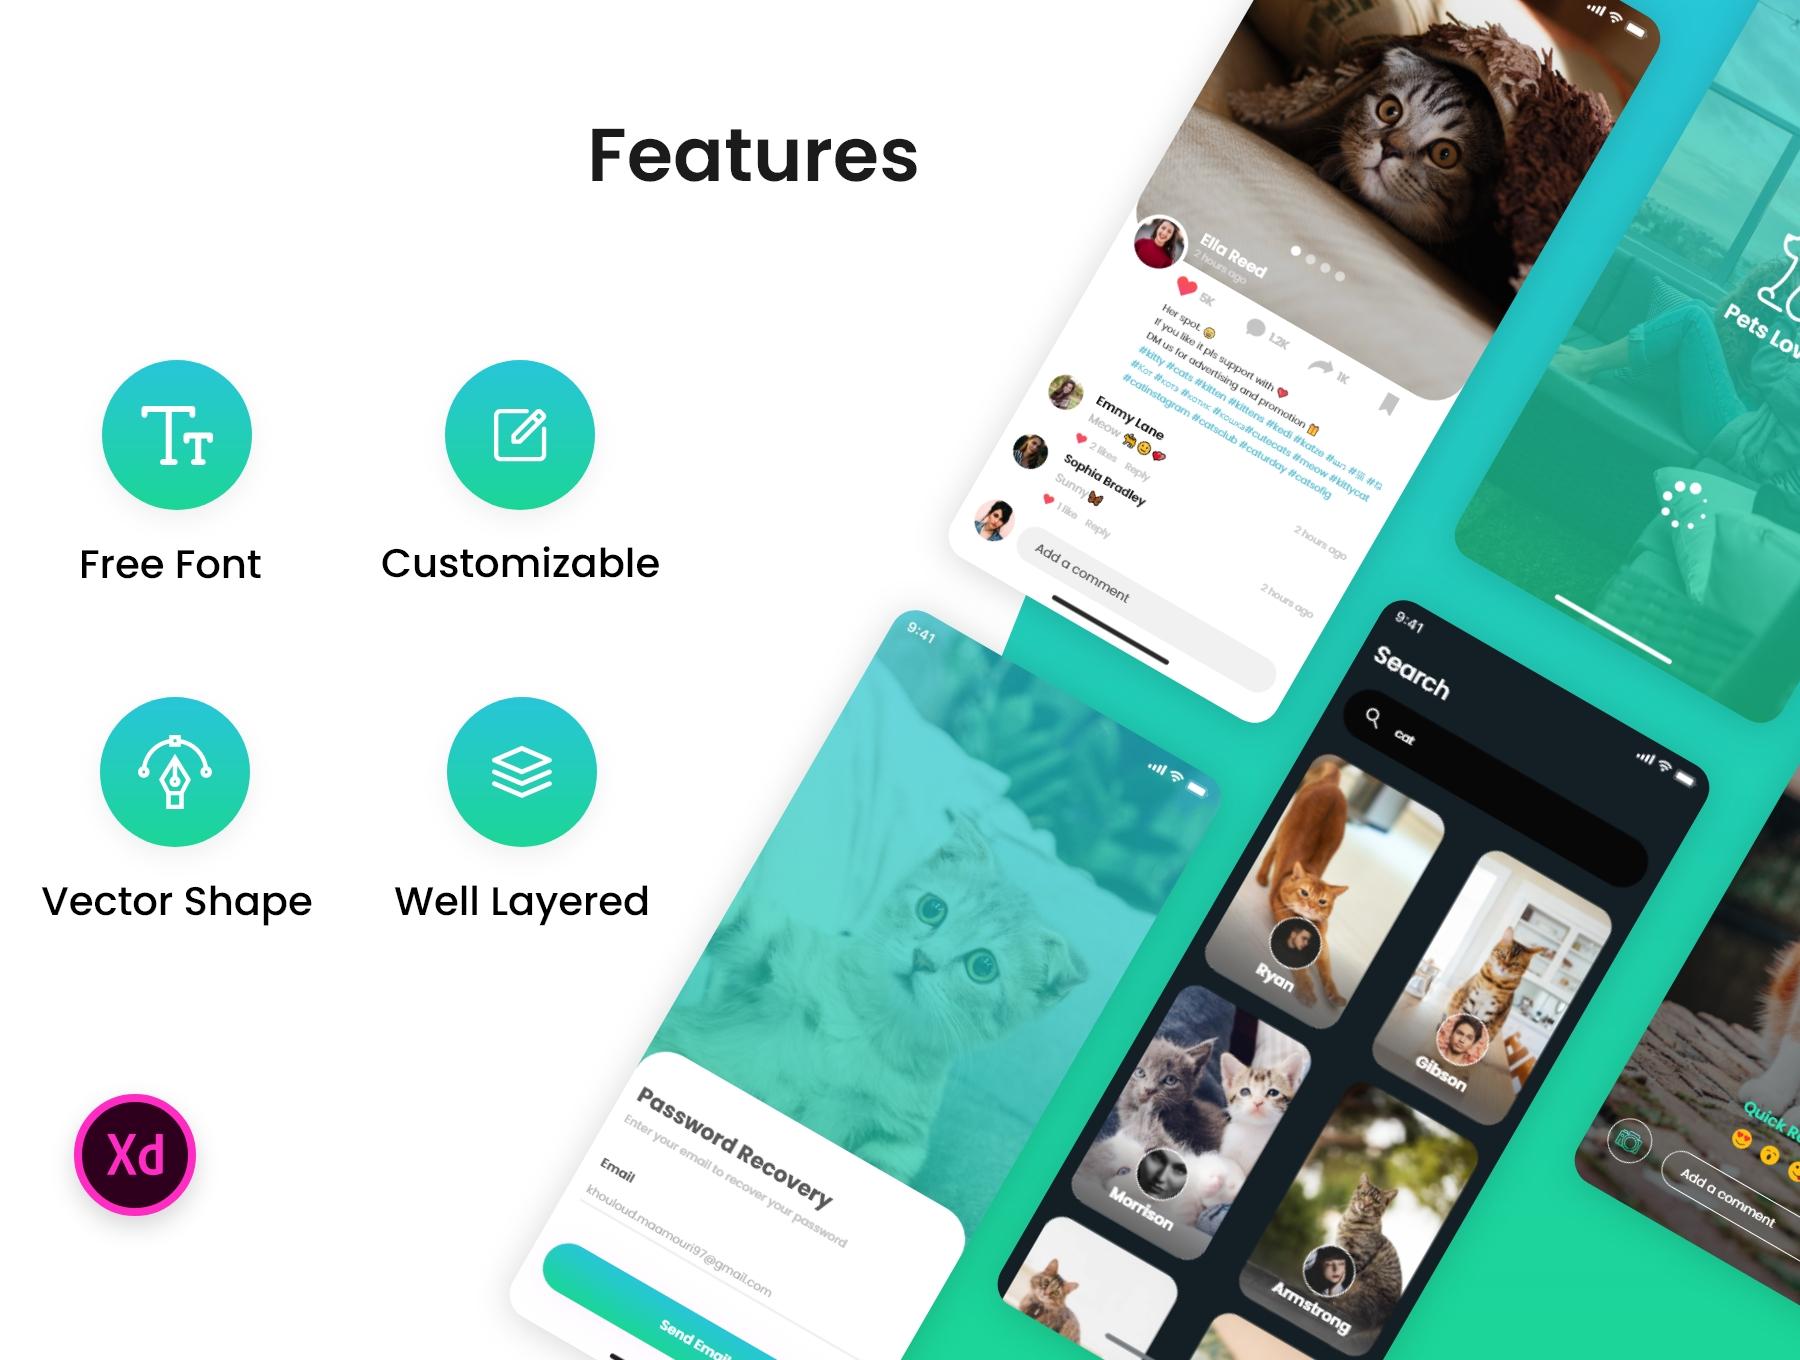 新媒体交友应用APP界面设计UI套件 PetsLovers – Social Media APP UI Kit插图(1)